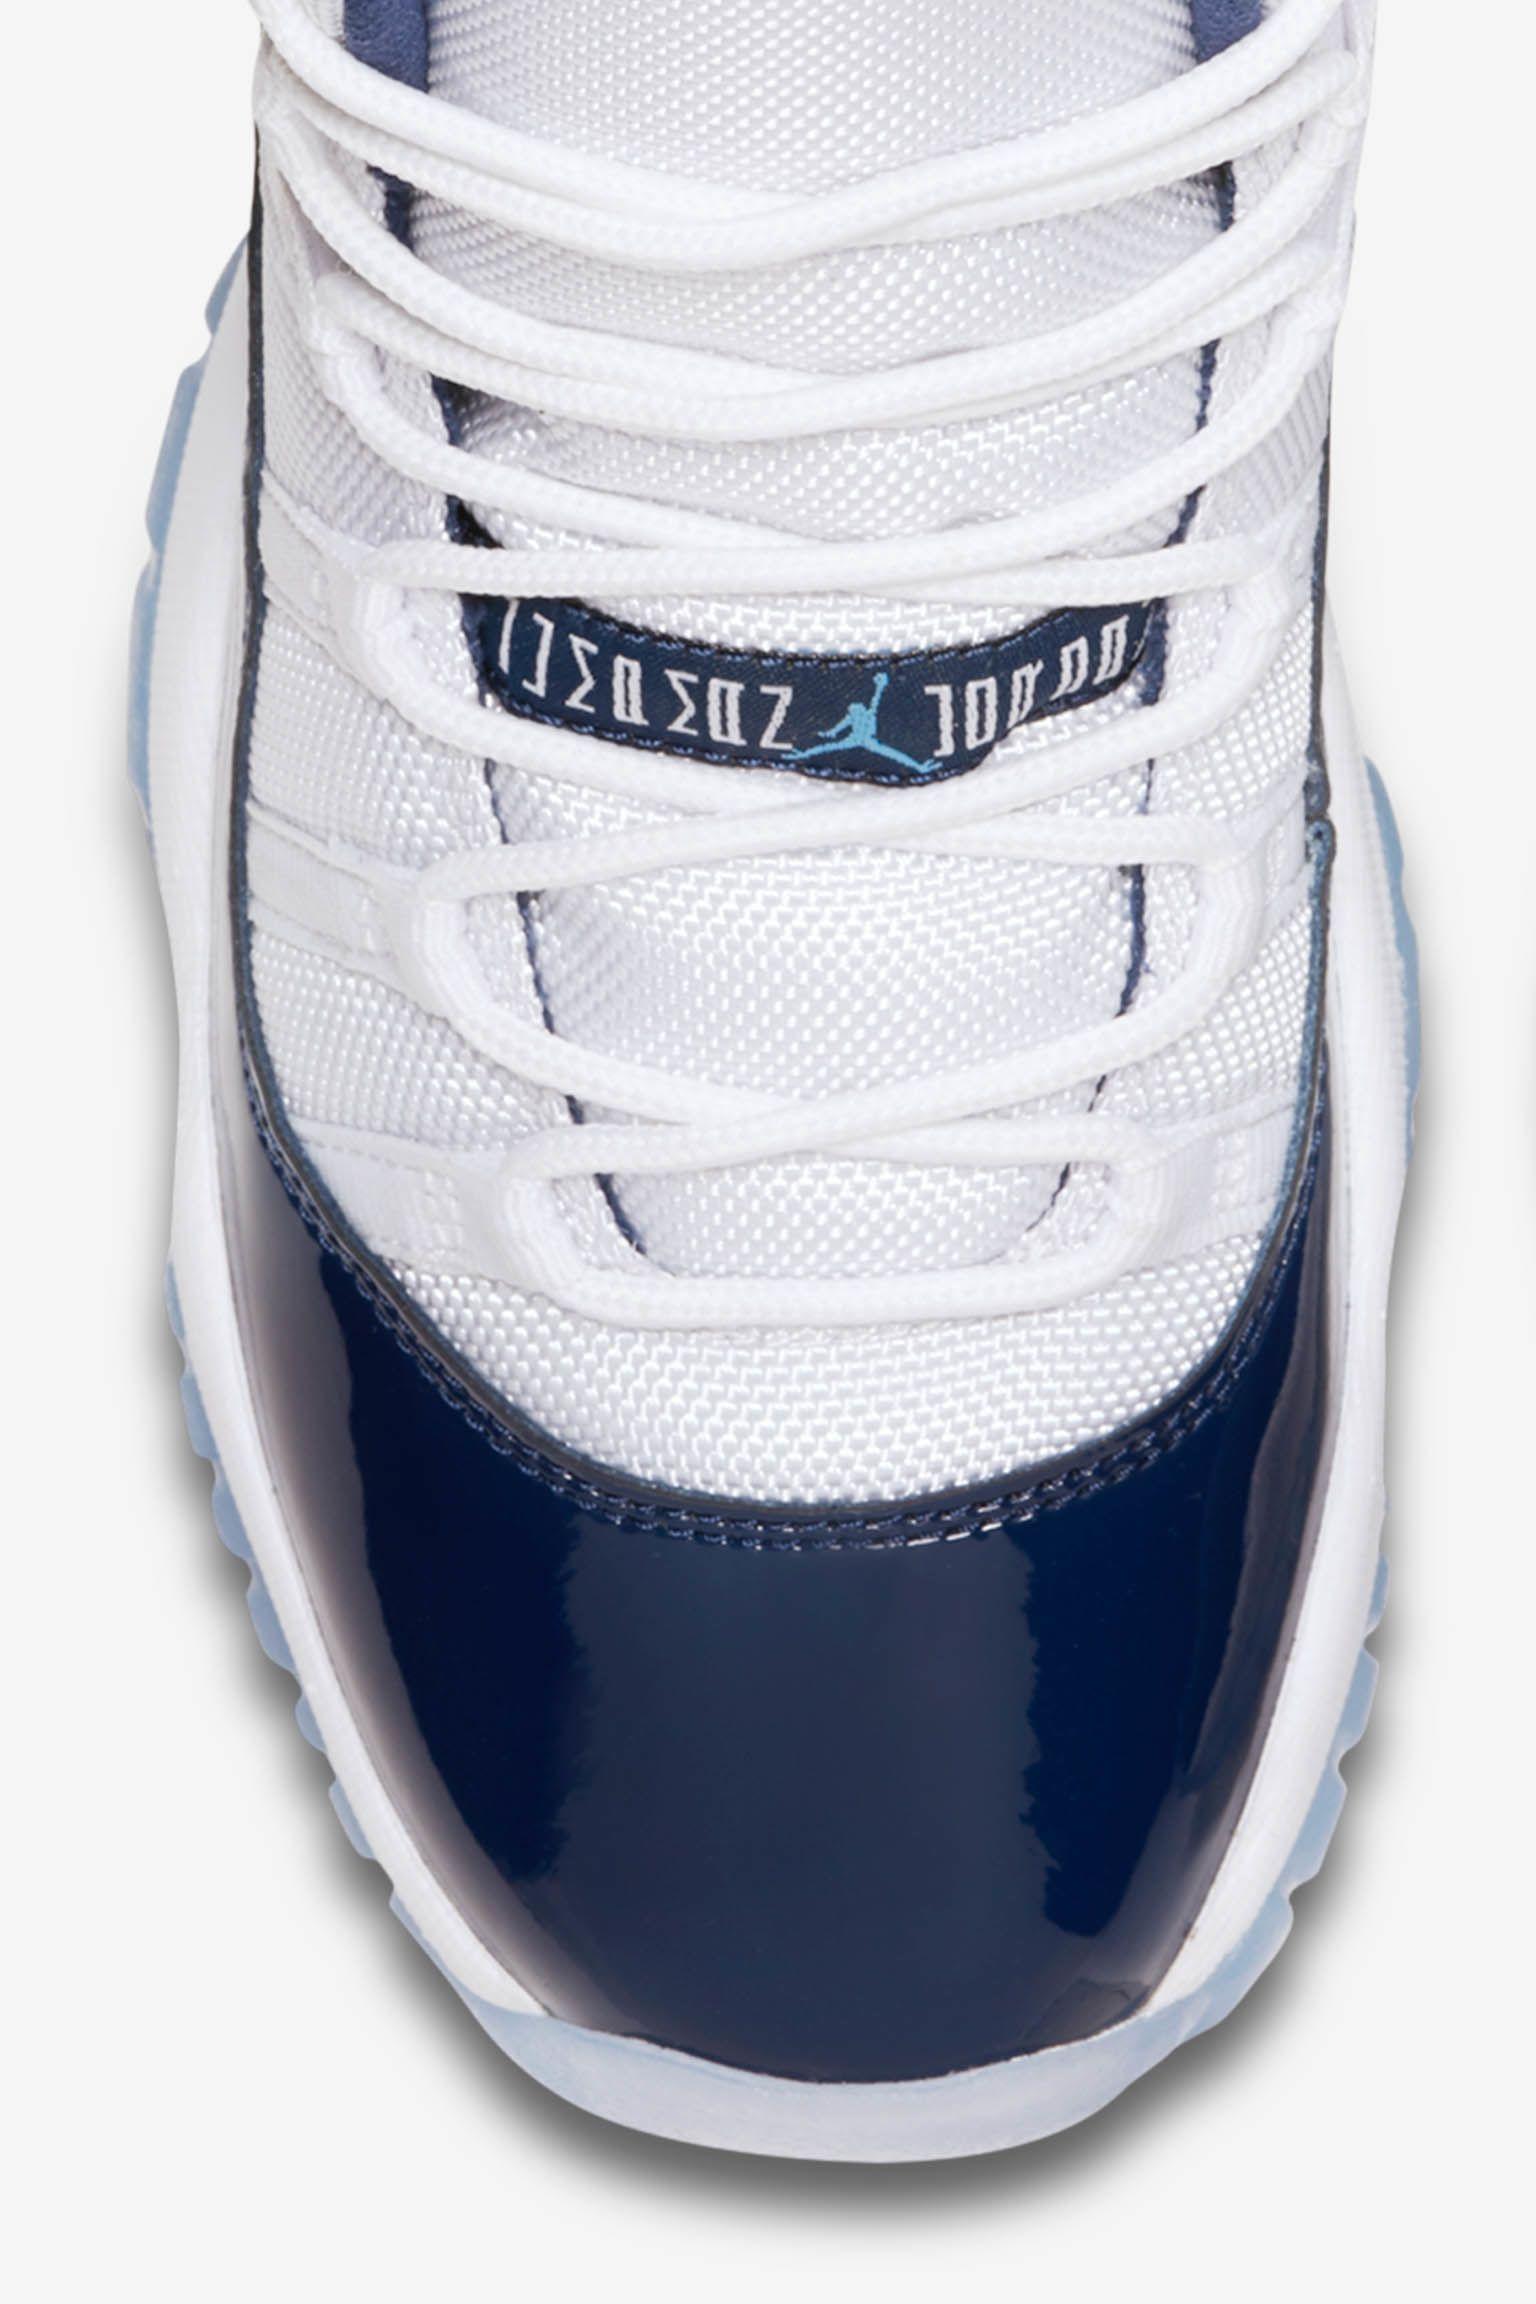 大童款 Air Jordan 11 Retro 'Midnight Navy' 发布日期